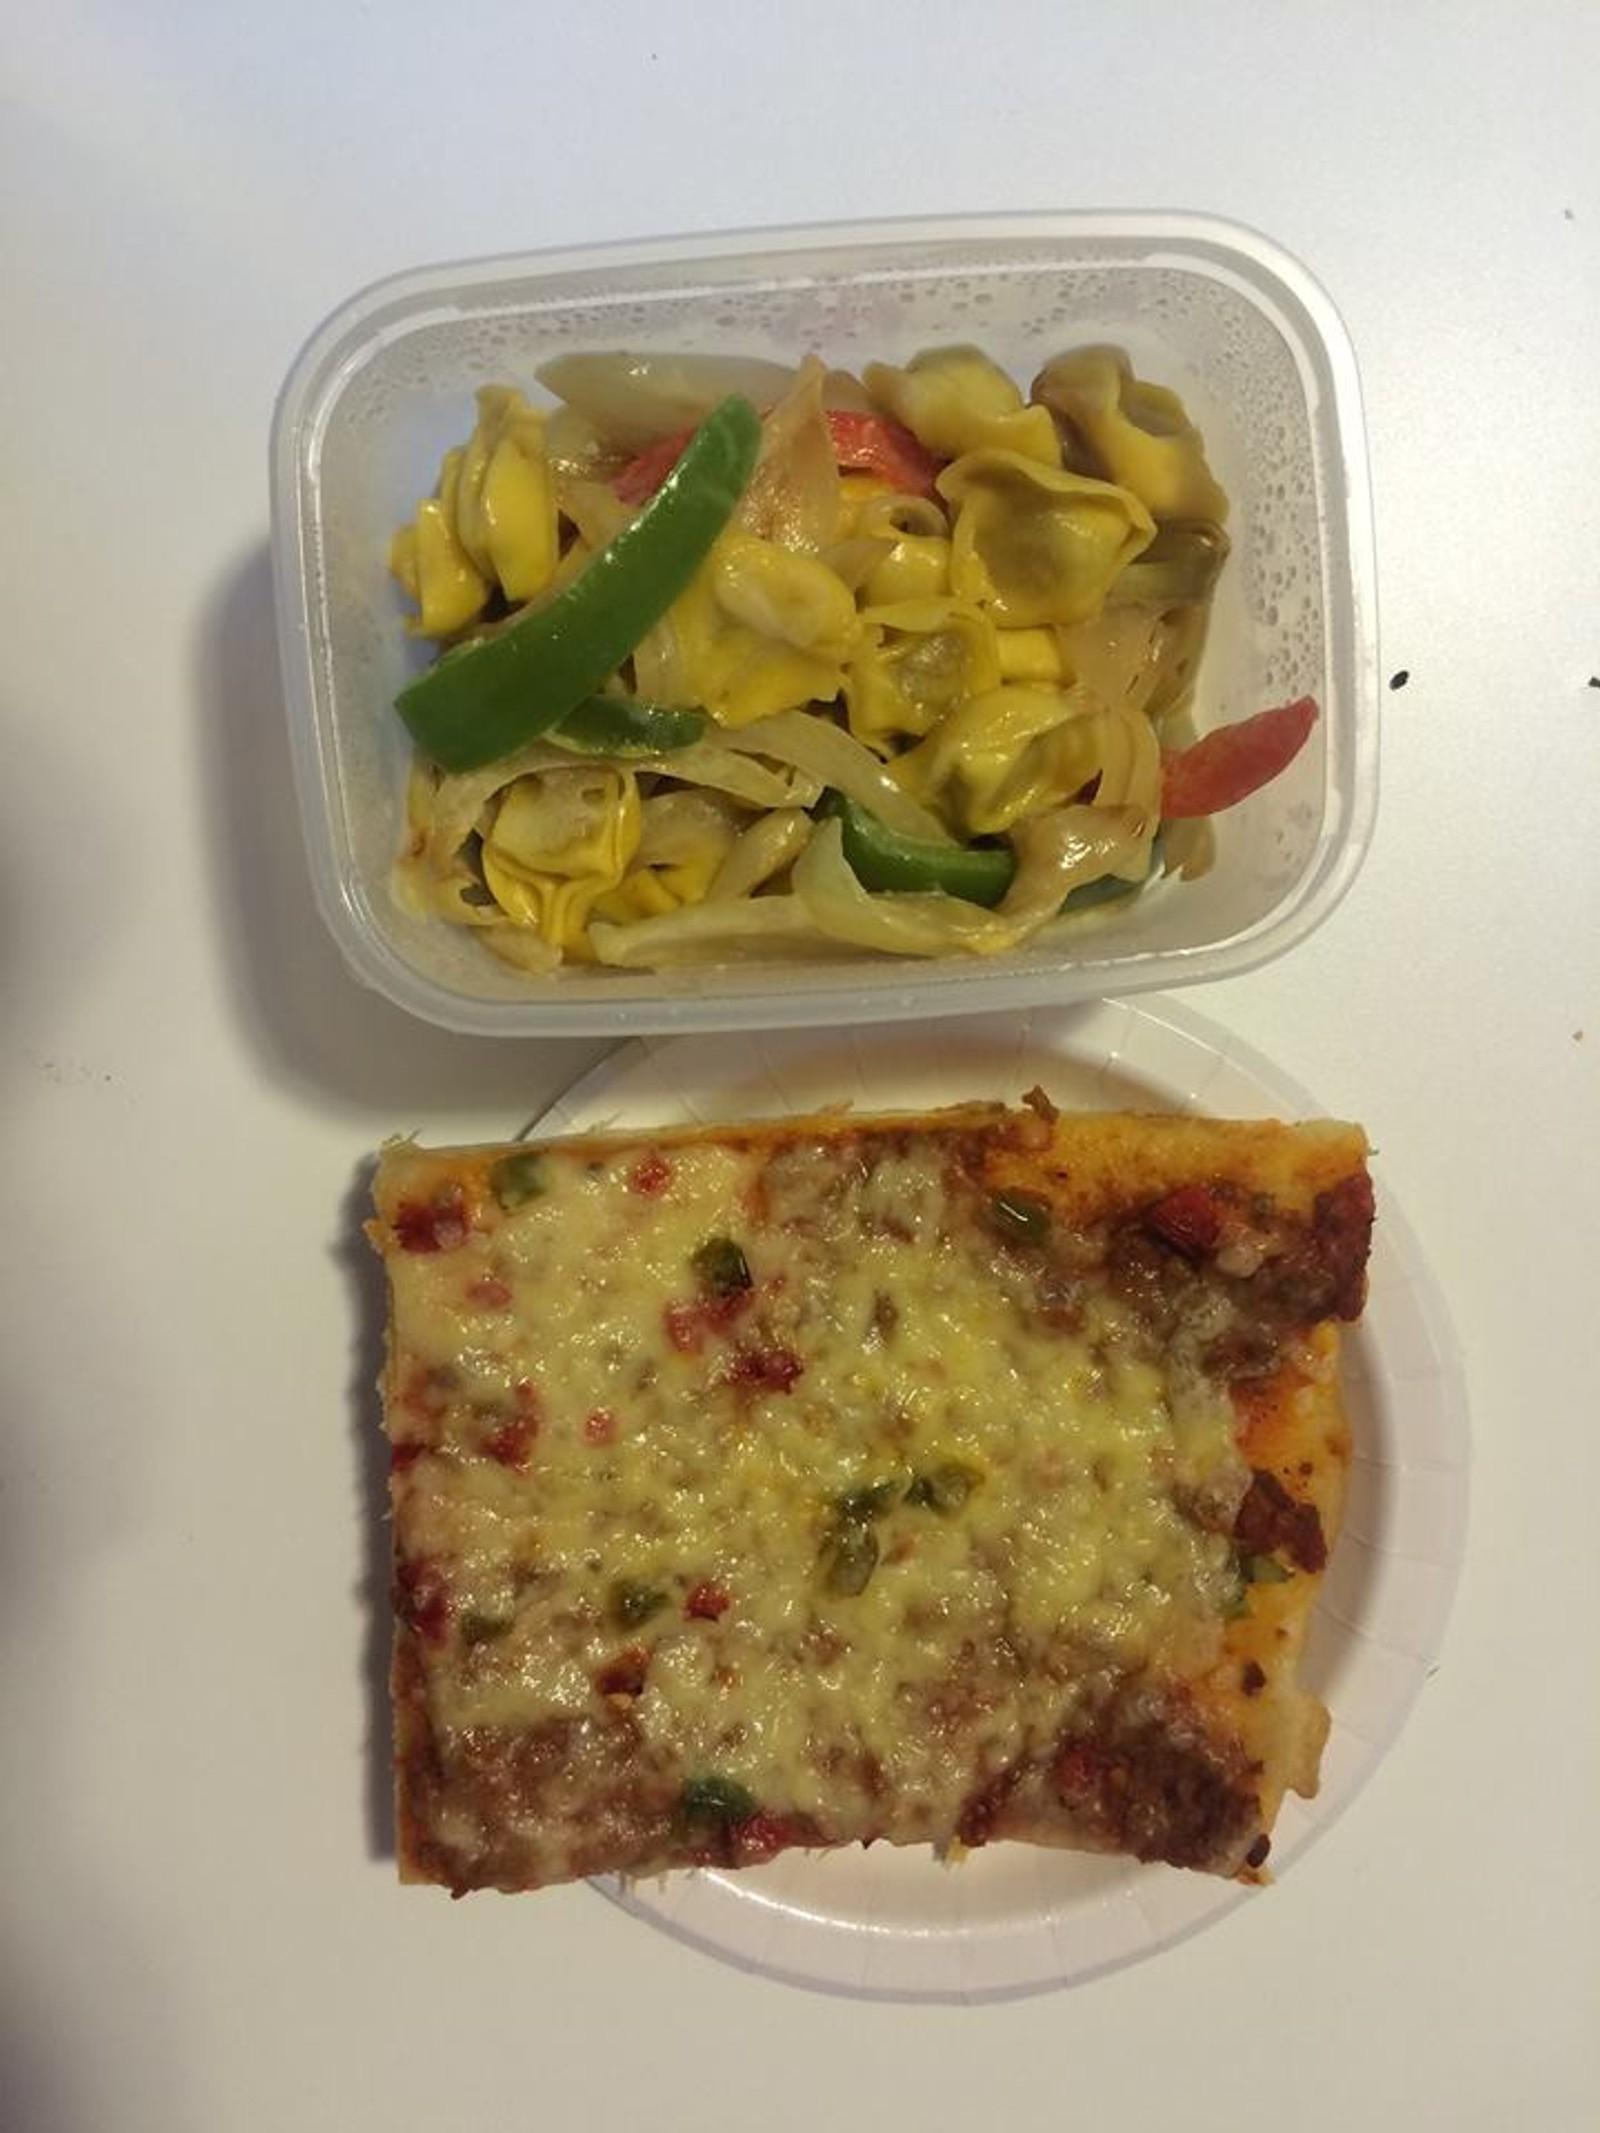 ÅRSTAD: Denne maten var tilberedt av elever ved kokkelinjen og smakte greit.